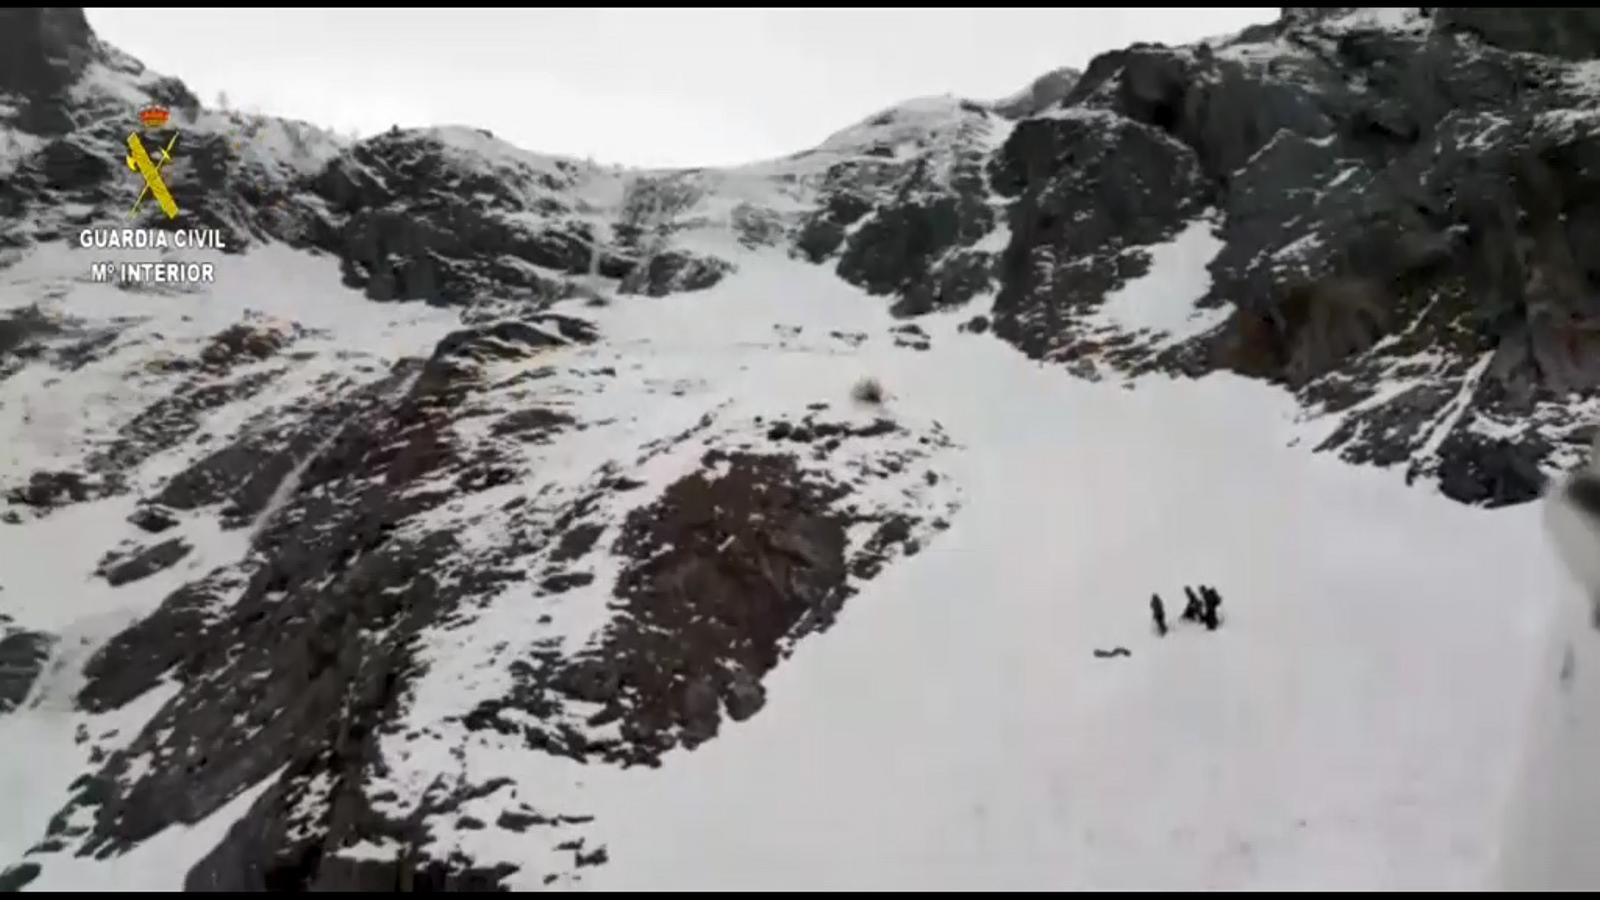 Mor un excursionista francès ala Vall d'Aran